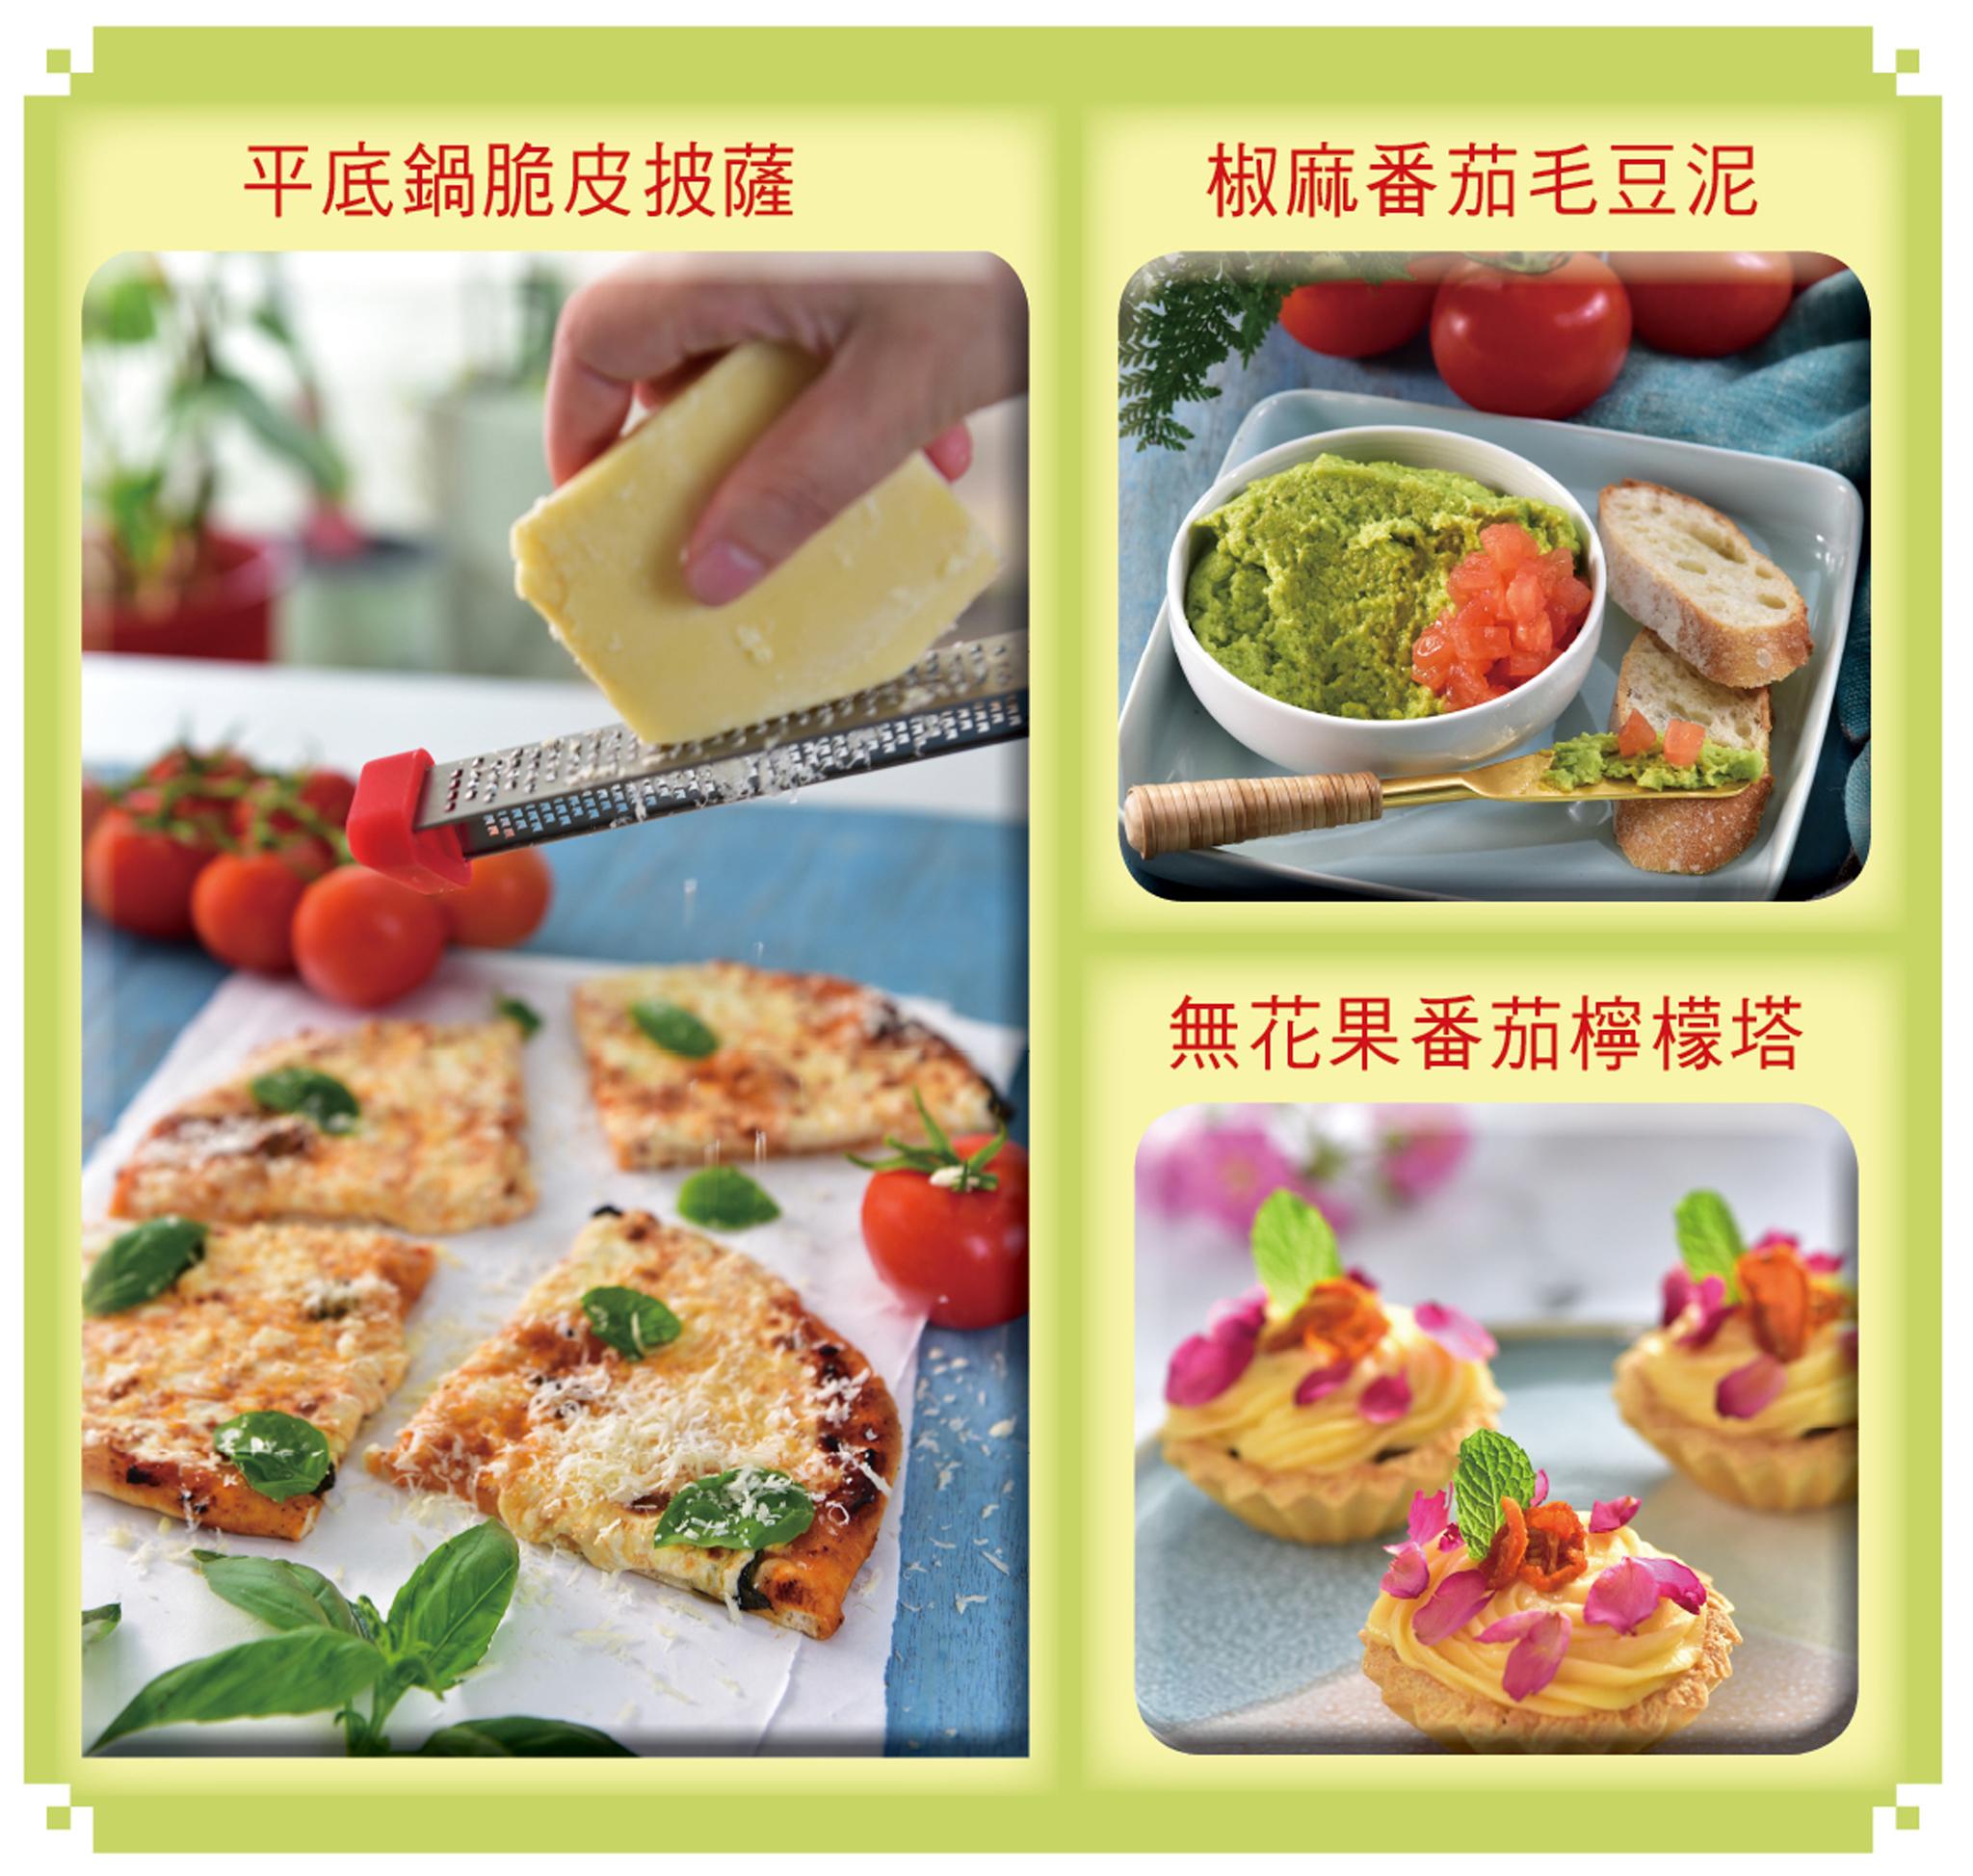 番茄食譜:平底鍋脆皮披薩、椒麻番茄毛豆泥、無花果番茄檸檬塔。